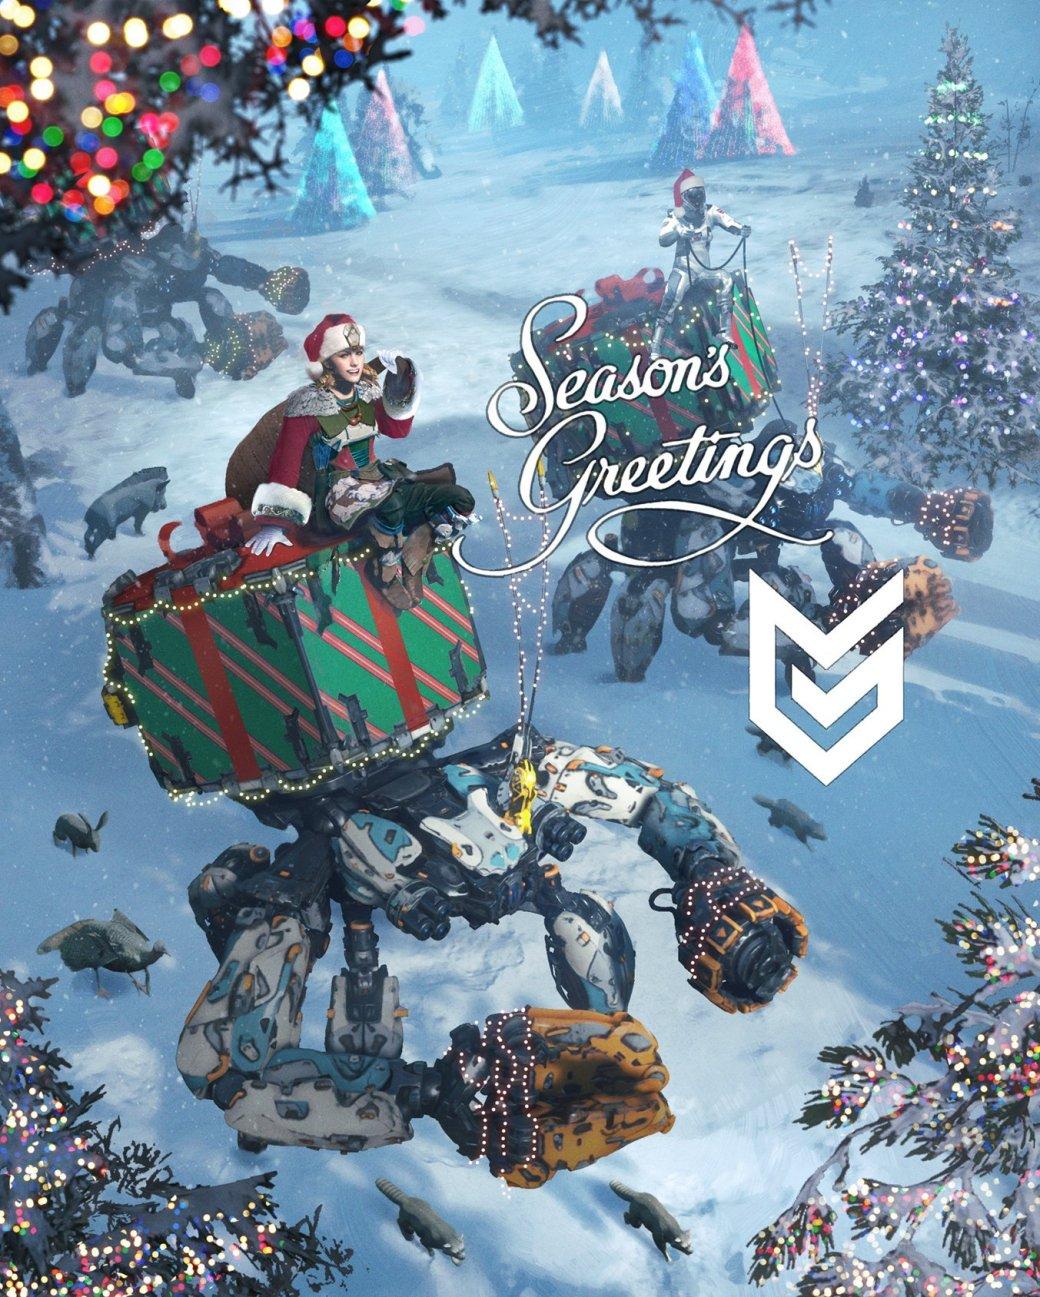 С праздниками! Разработчики поздравляют с Новым годом и Рождеством - Изображение 3